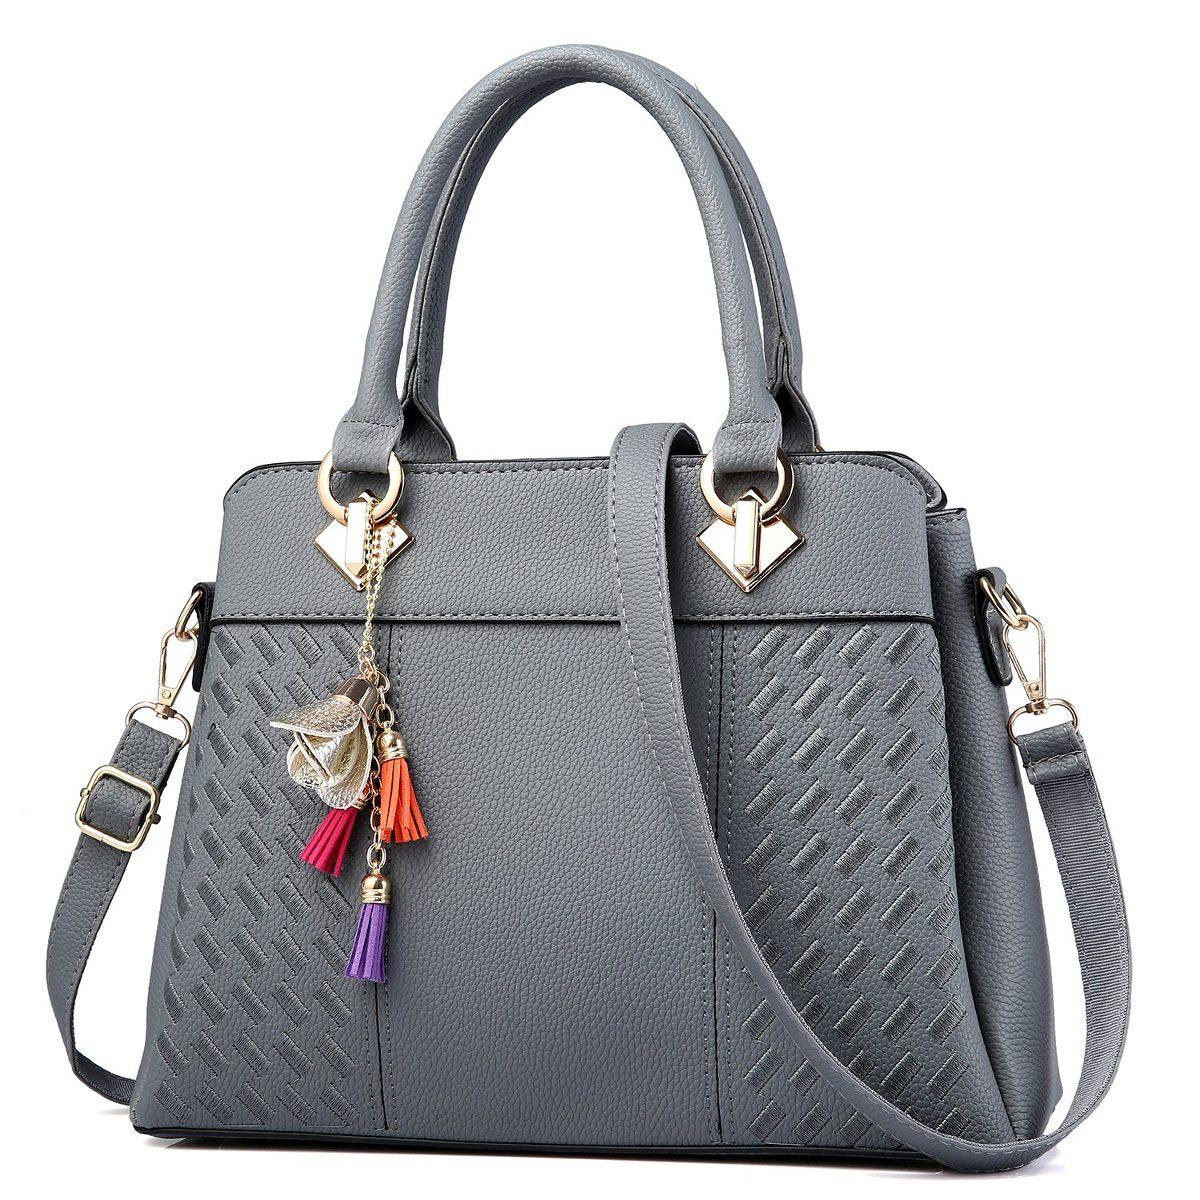 95a148967 Señoras Bolsos Y Carteras De Mujer Diseñador Bolso Bolso - U$S 67,00 ...